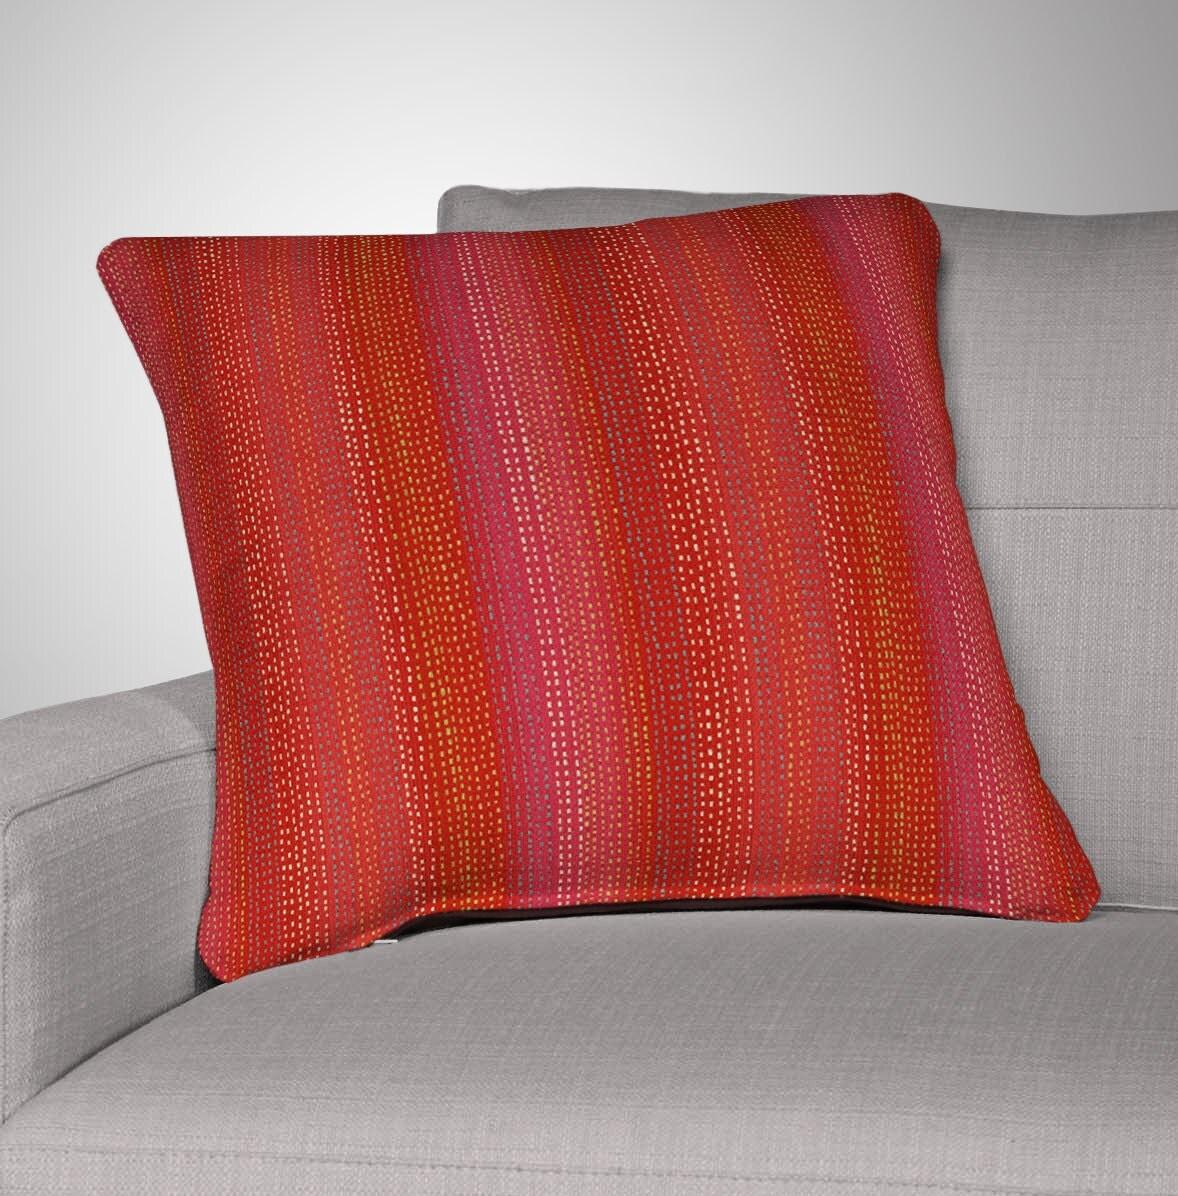 Robert Allen Throw Pillow Cover Speckled Fun Pillow Cover